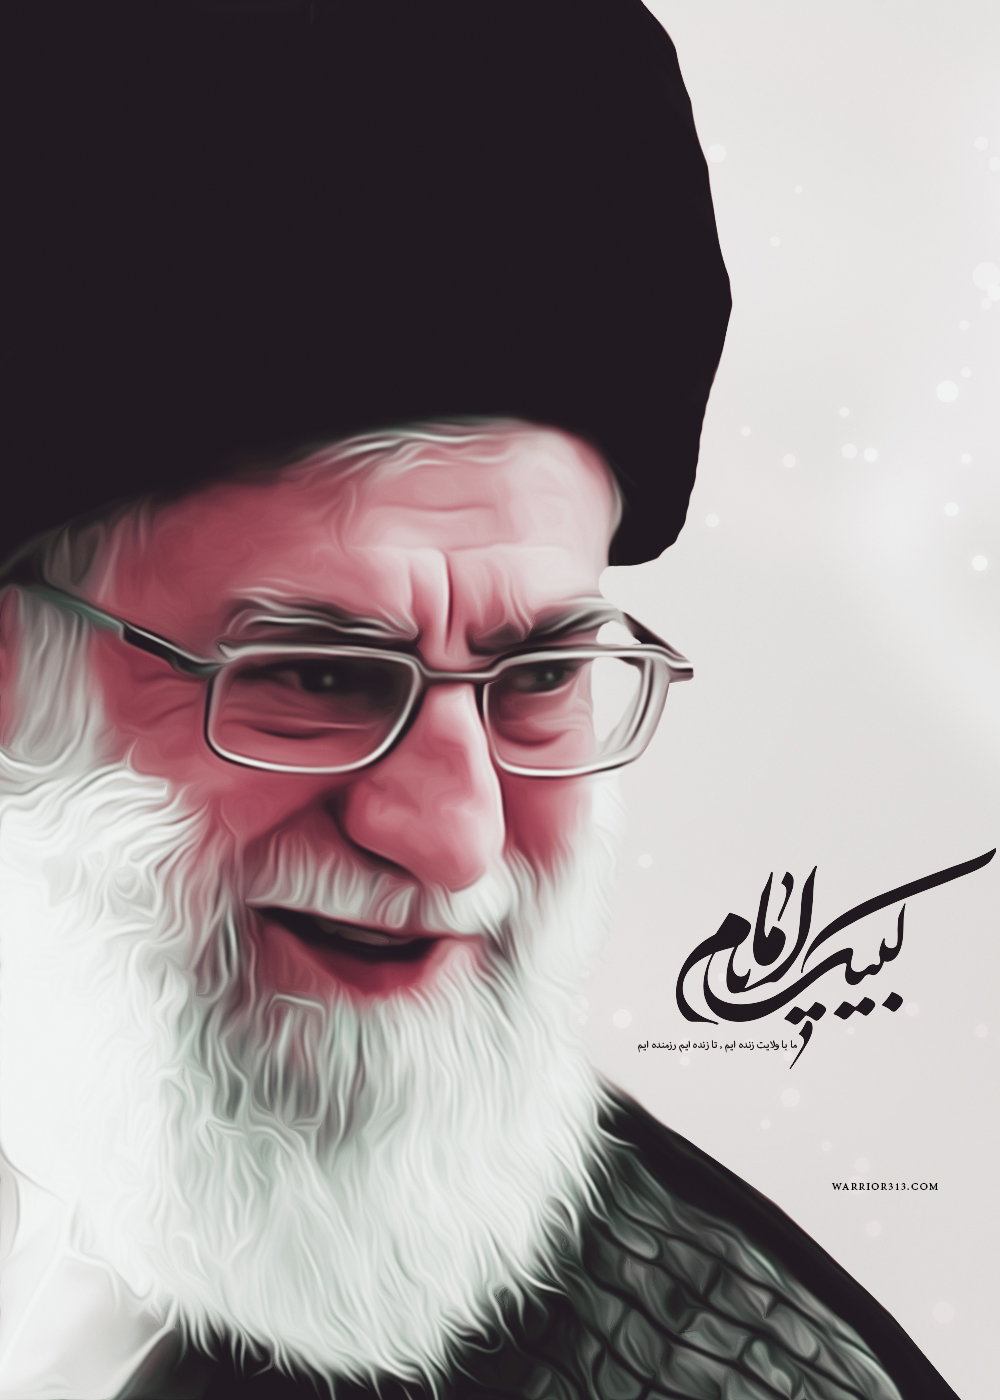 امروز جهاد با رژیم صهیونیستی واجب است